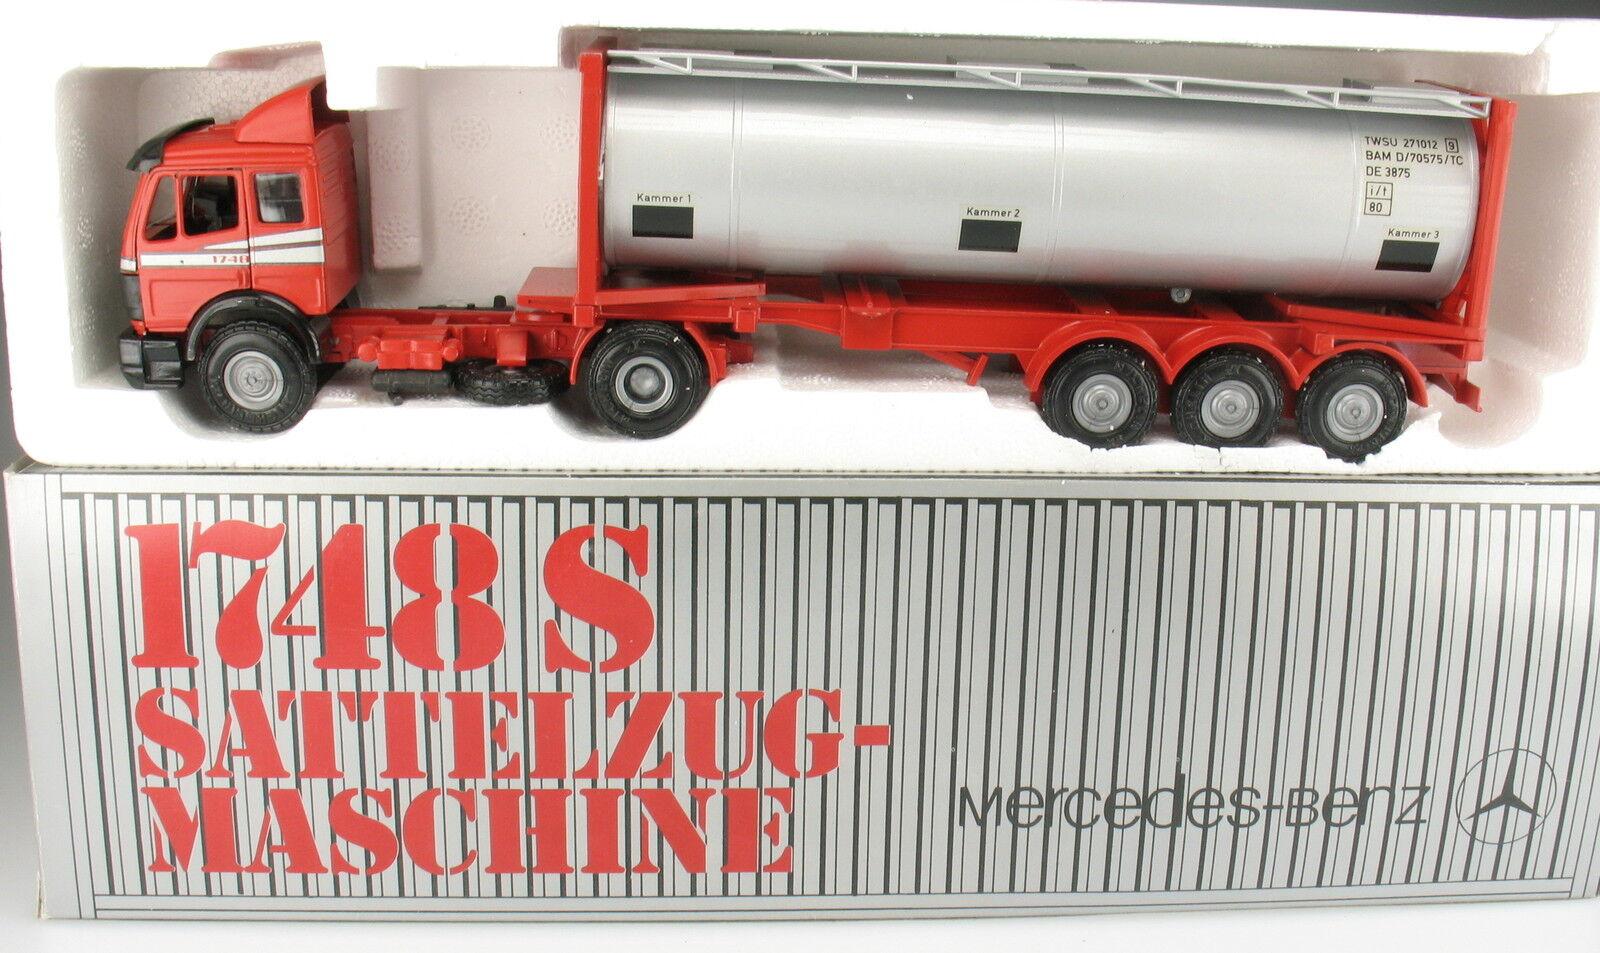 NZG 317 2-Mercedes-Benz MB 1748 S tanque contenedor remolcarse - 1 43 Model Truck